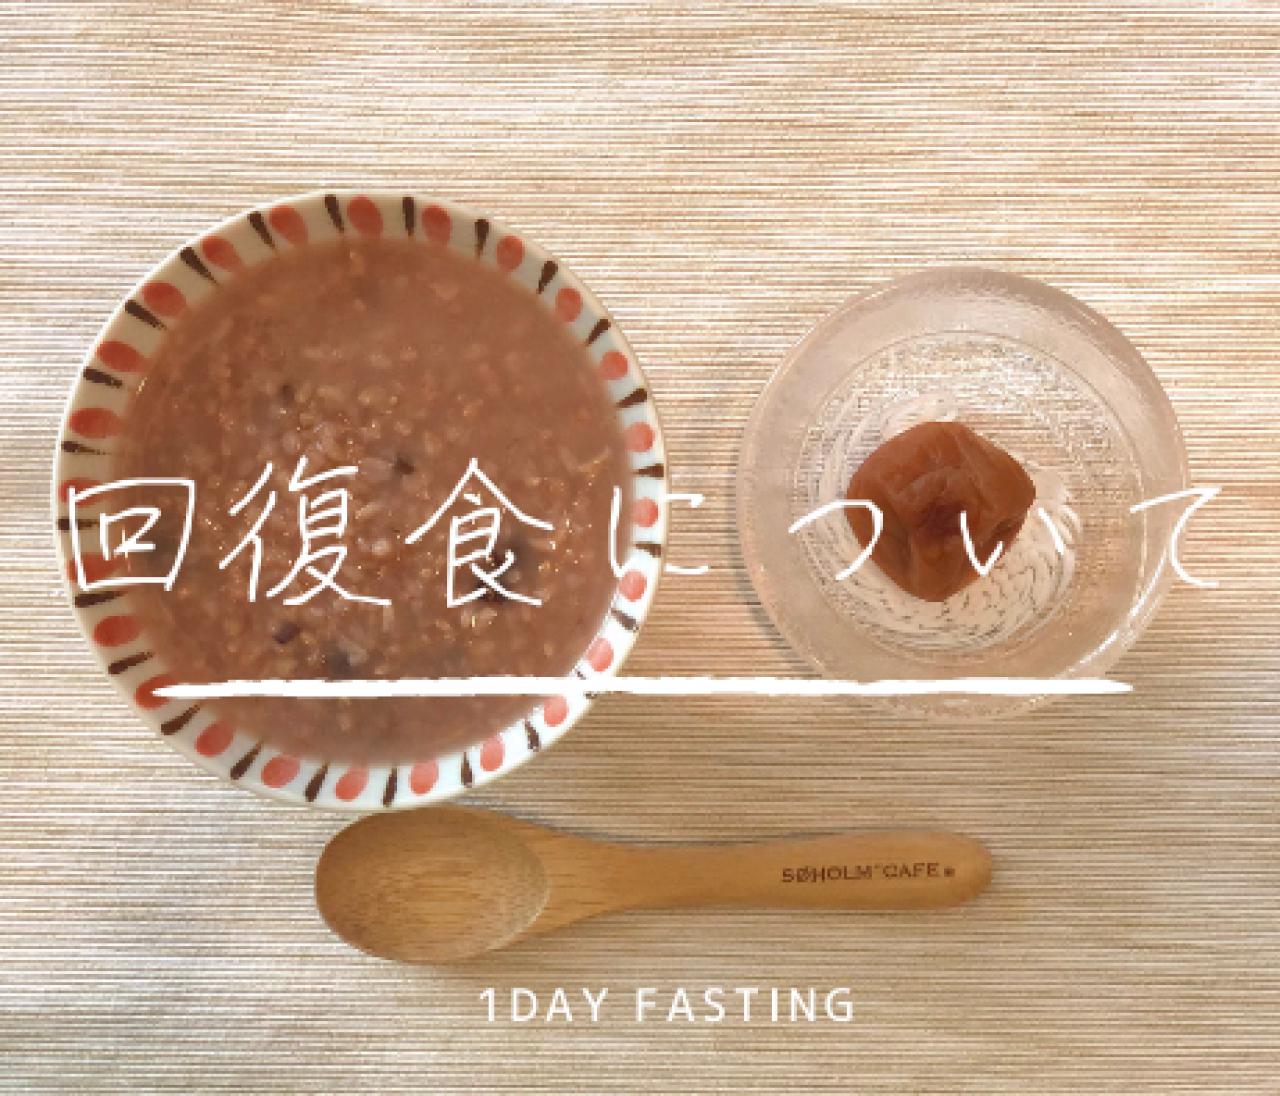 【1日断食】ファスティングで現れた効果とは?〜回復食編〜